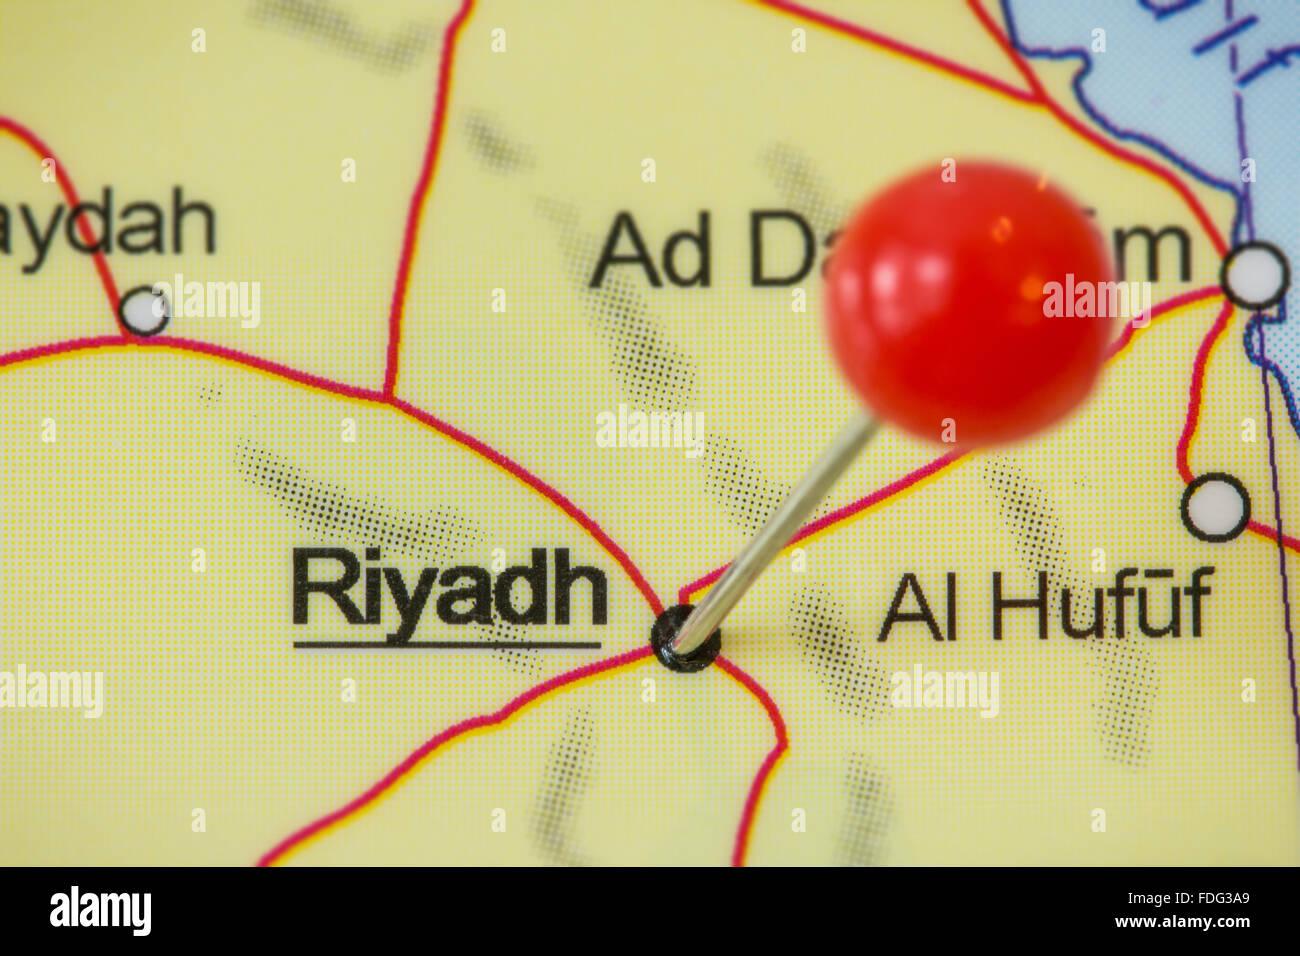 Close-up d'une punaise rouge sur une carte de Riyadh, Arabie saoudite. Photo Stock